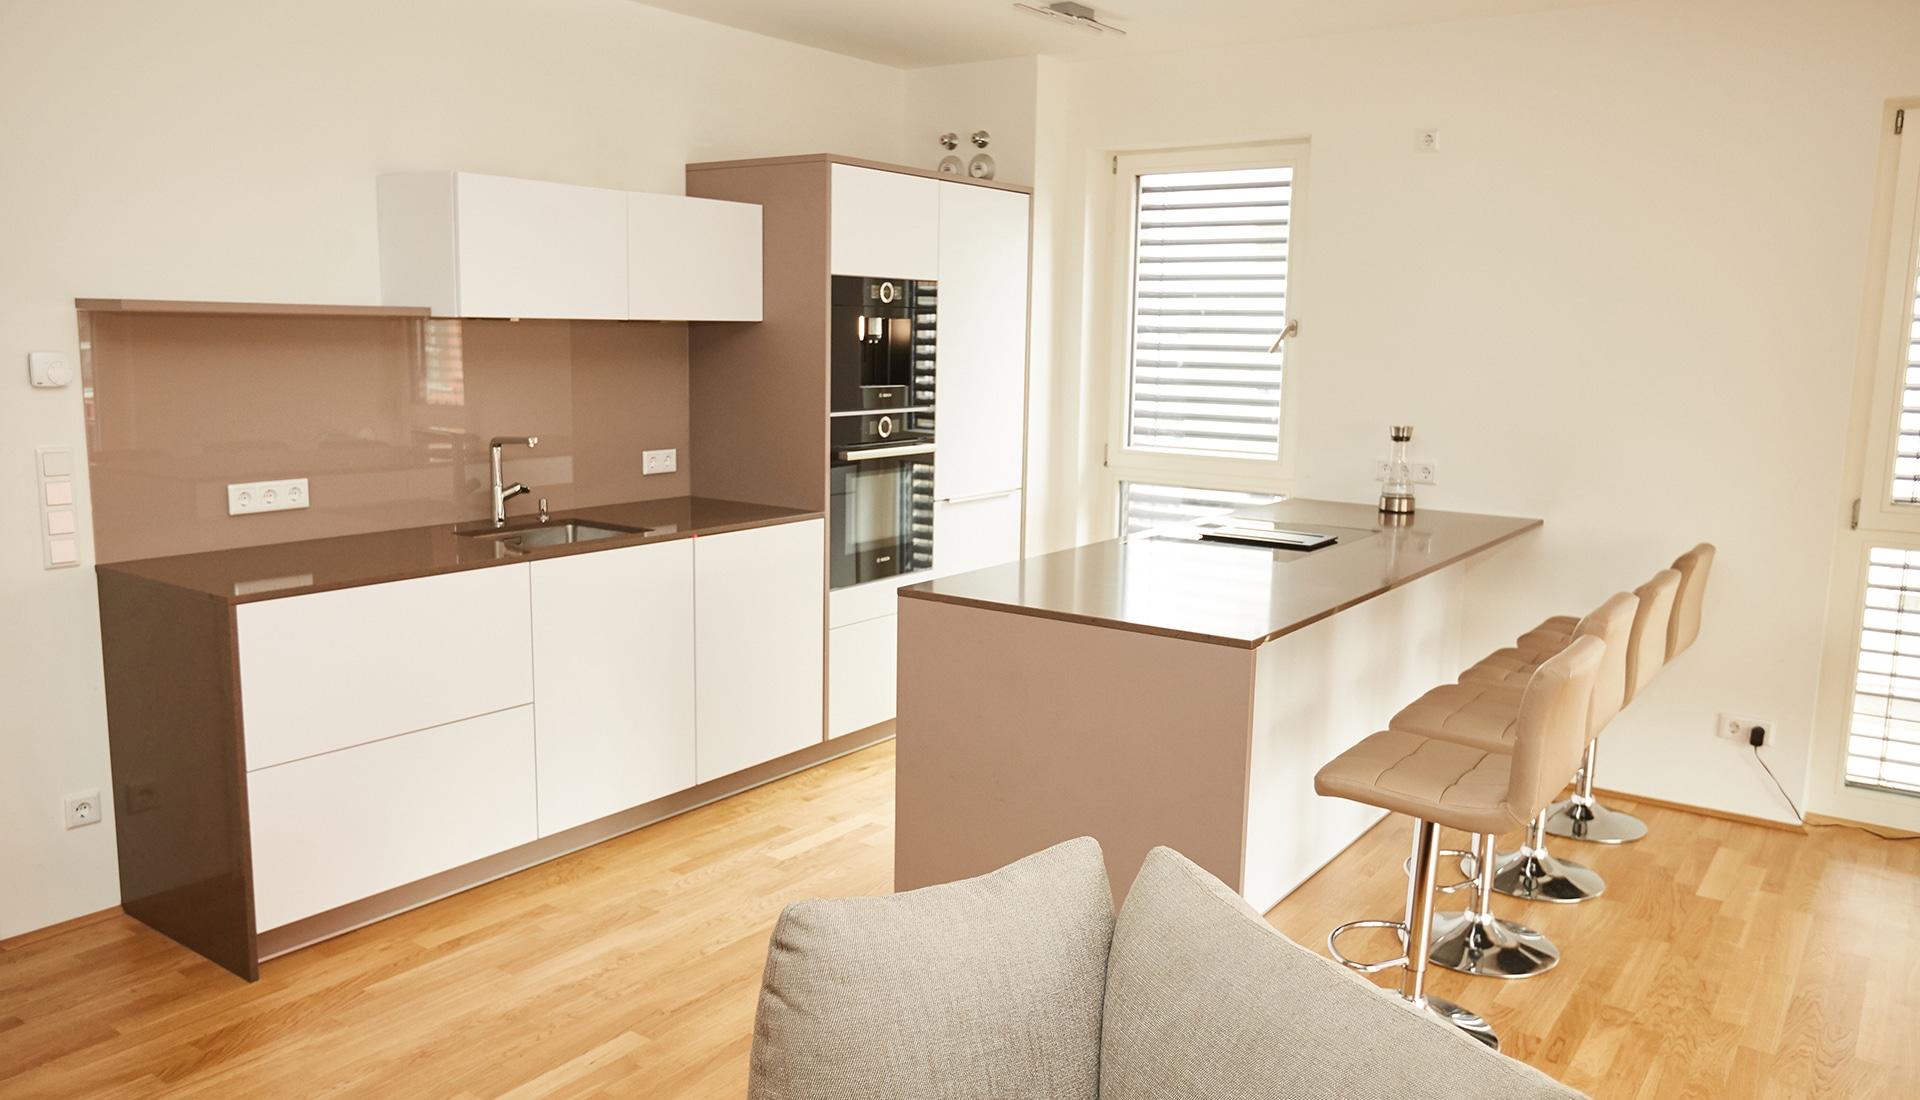 Erfreut Kleine Küche Entwirft Ideen Zeitgenössisch - Ideen Für Die ...